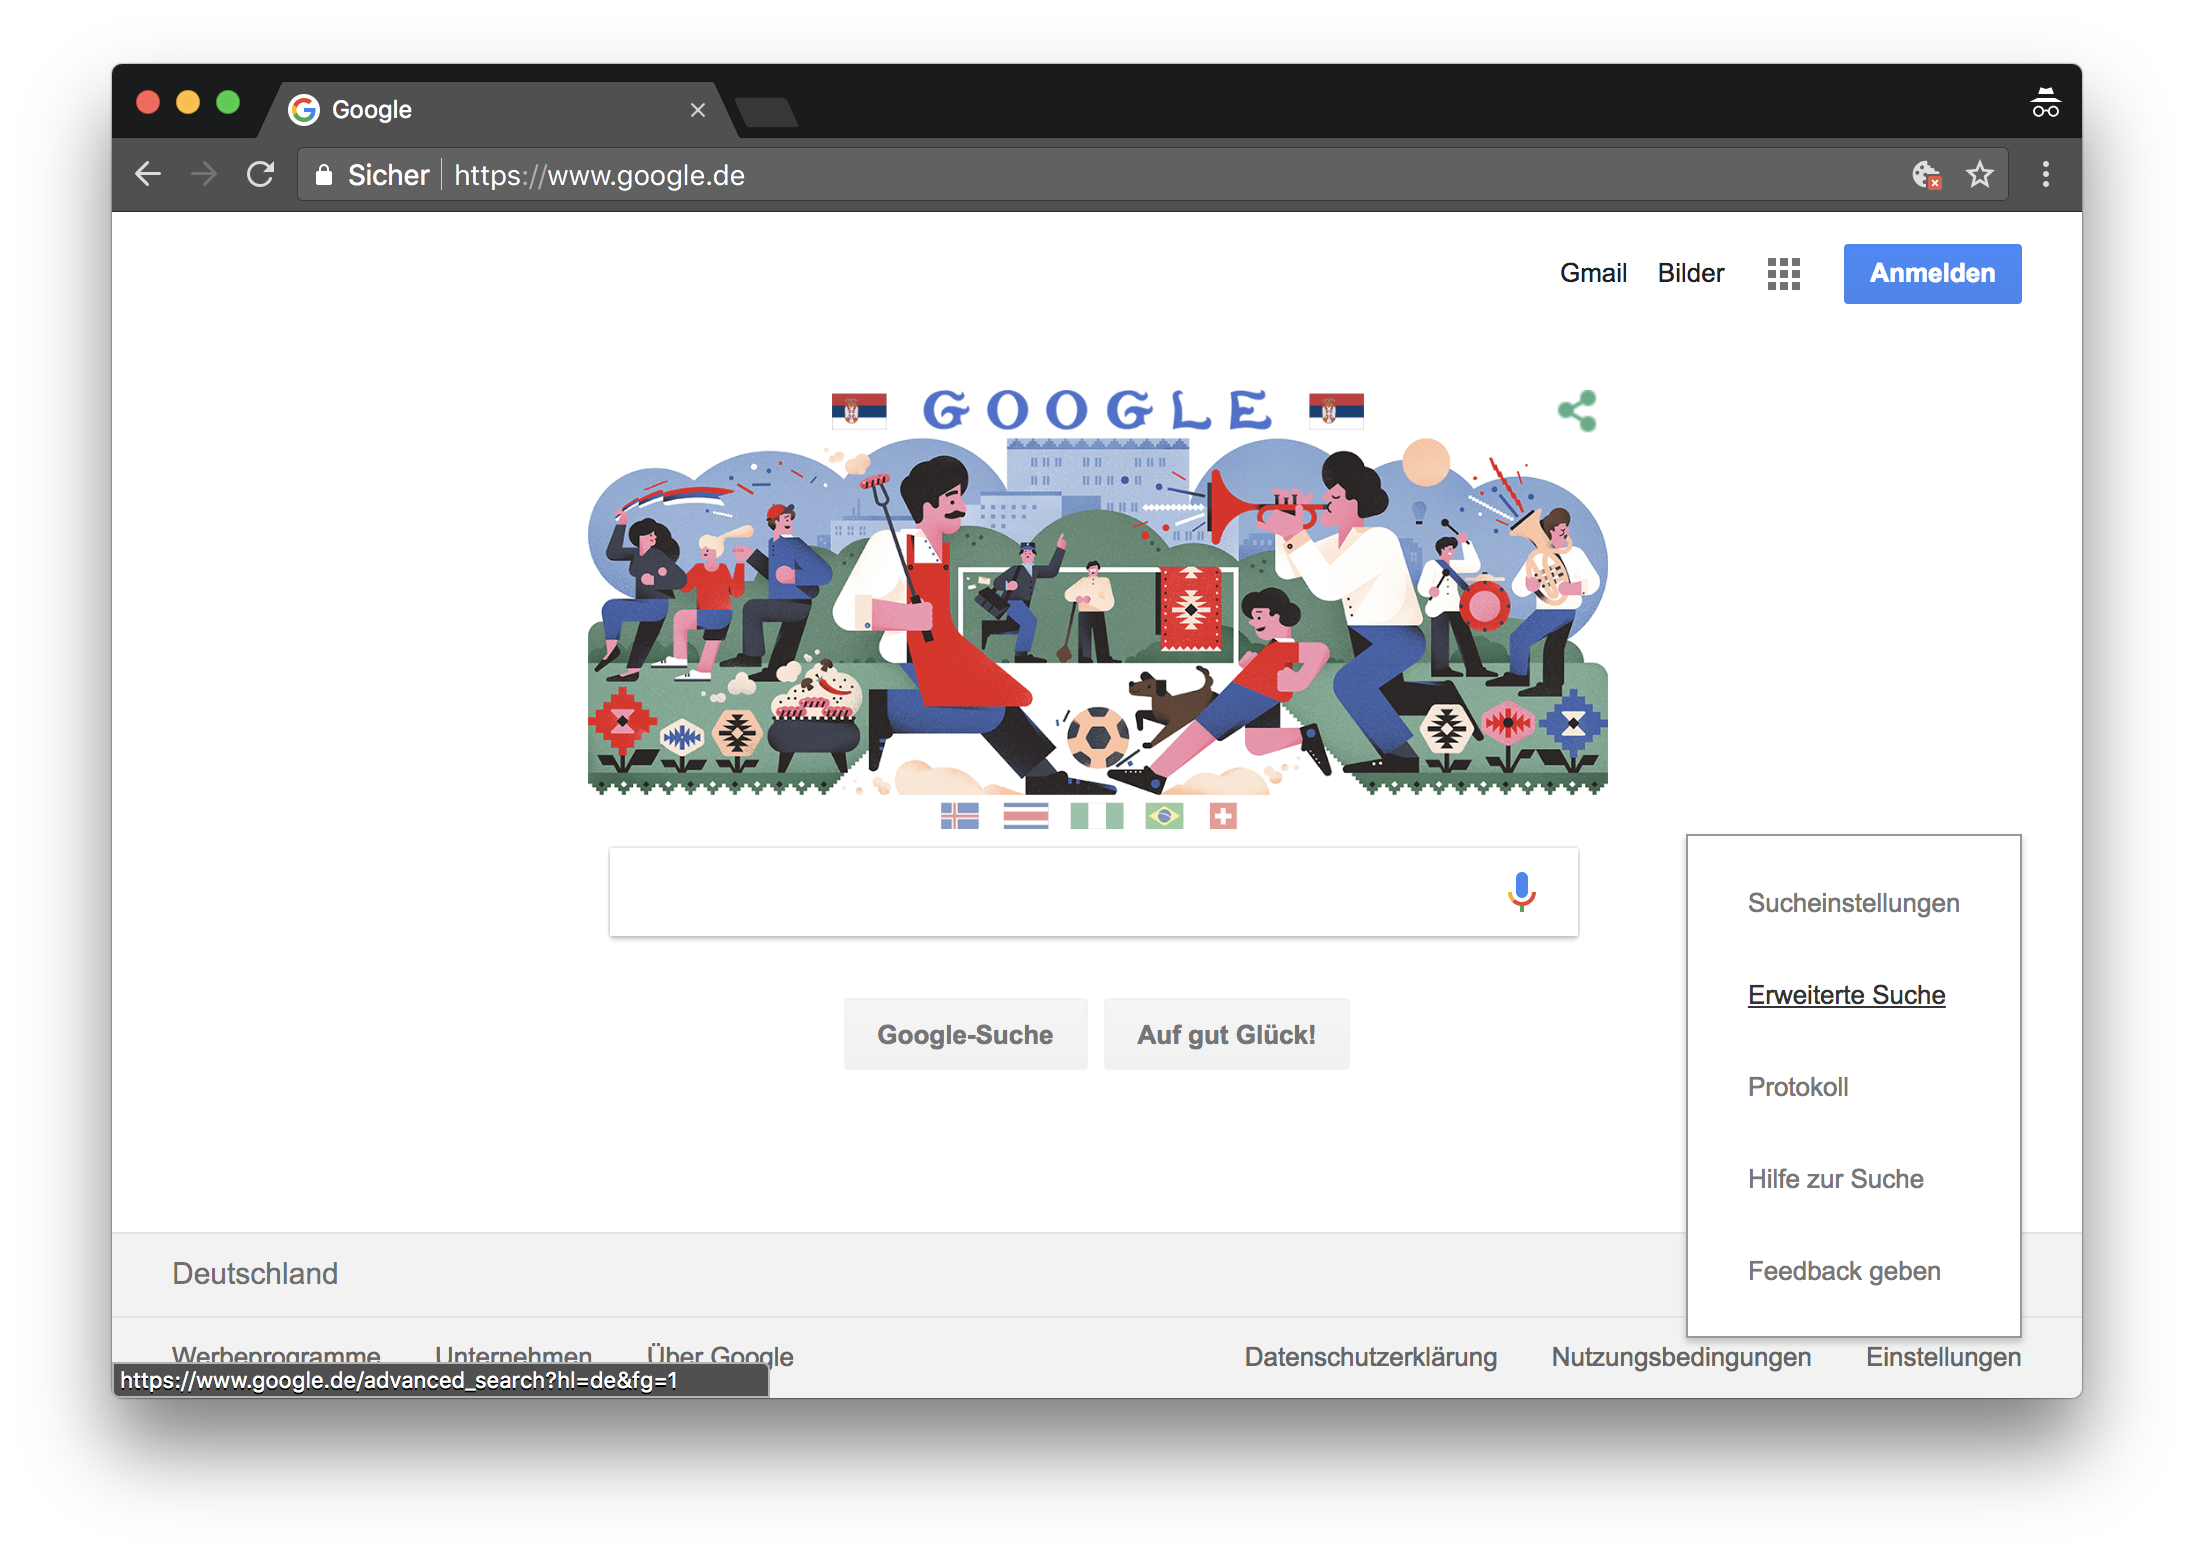 Google erweiterte Suche